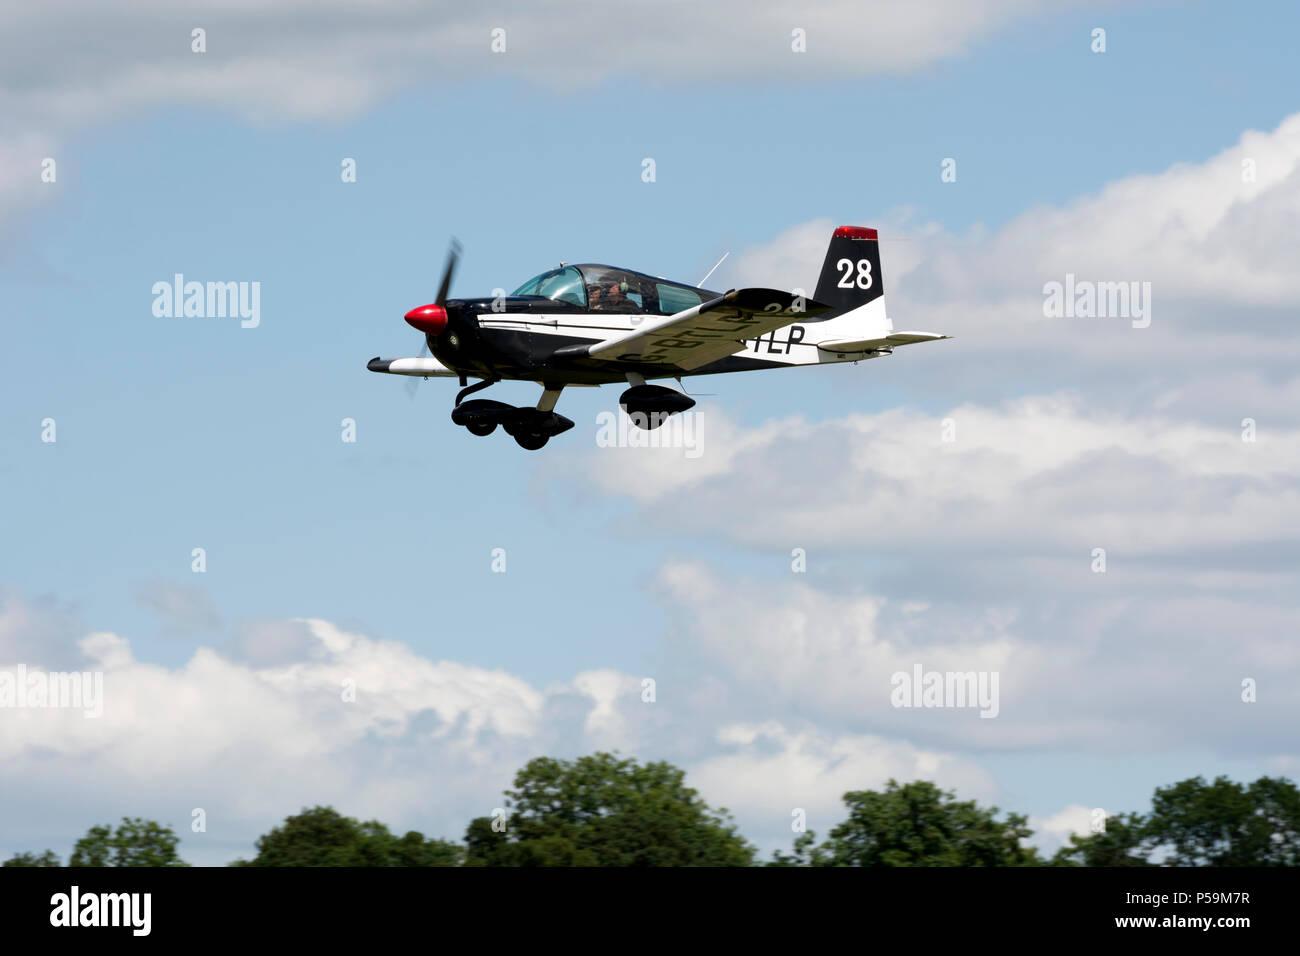 Grumman American AA-1C Lynx landing at Turweston Aerodrome, Buckinghamshire, UK (G-BTLP) - Stock Image